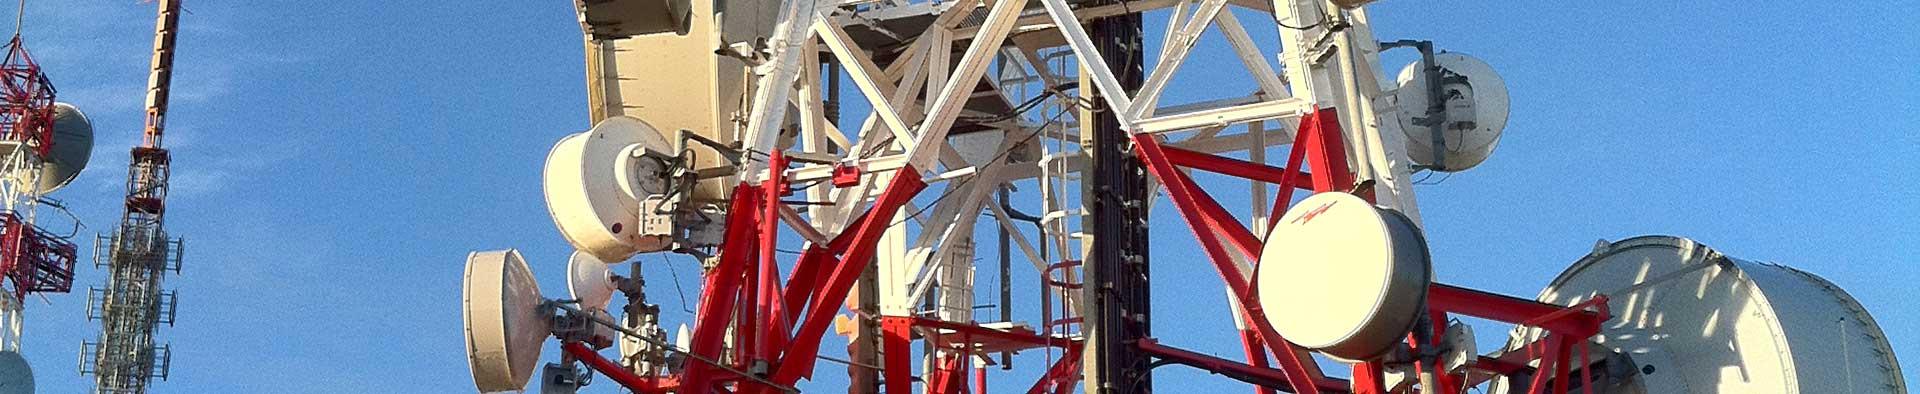 fabricantes de torres de telcomunicaciones